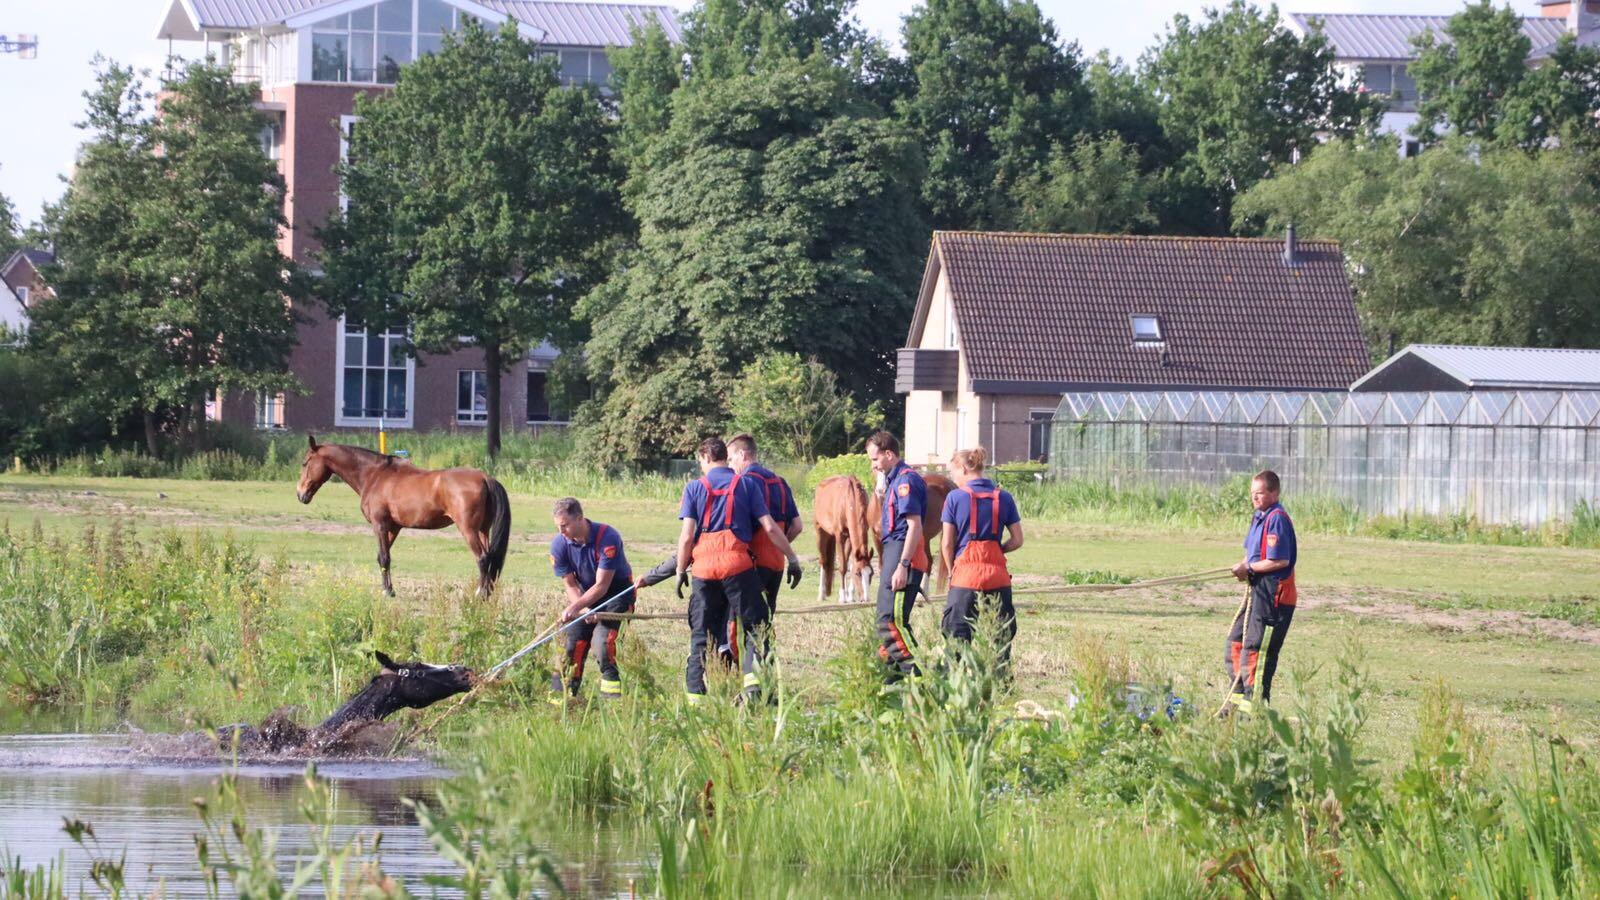 Brandweer haalt paard uit sloot Houtsingel Gouda